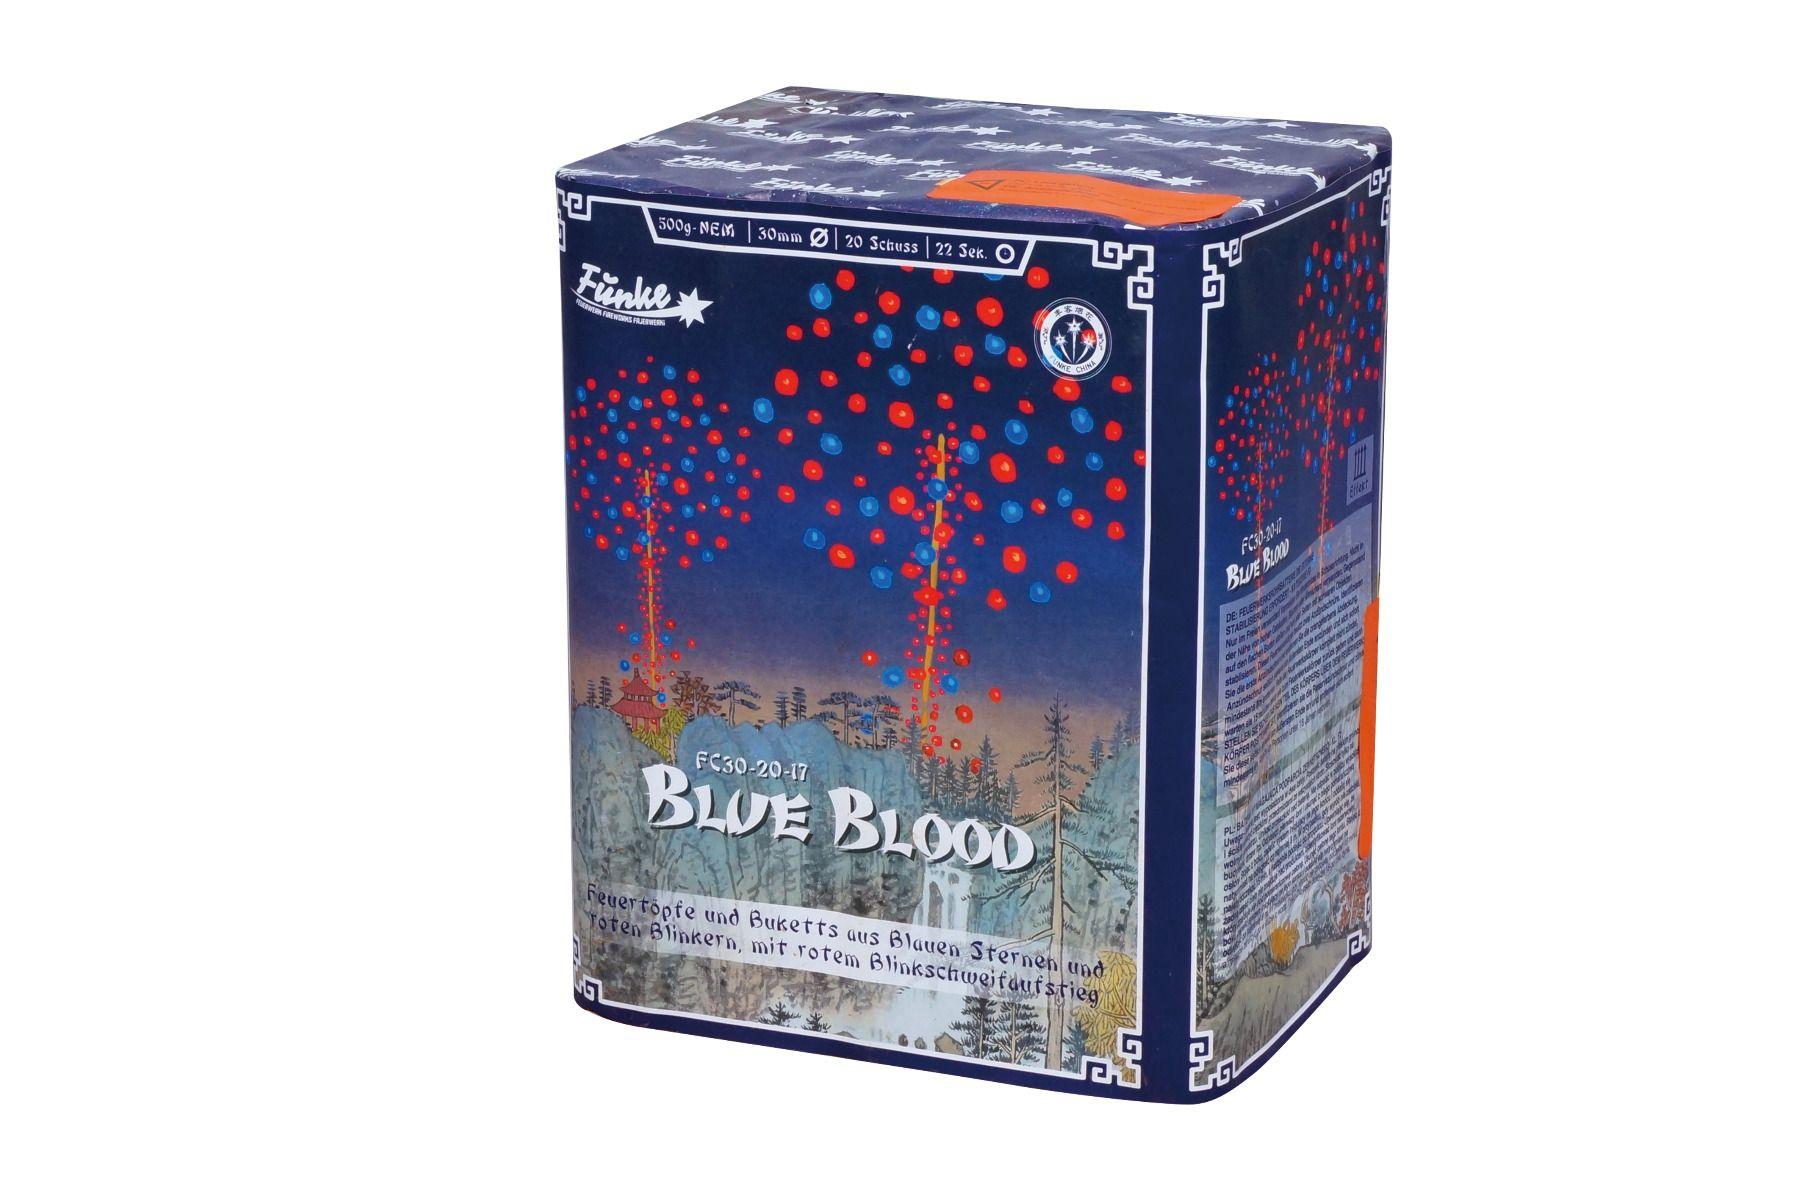 Funke Blue Blood 20 Schots